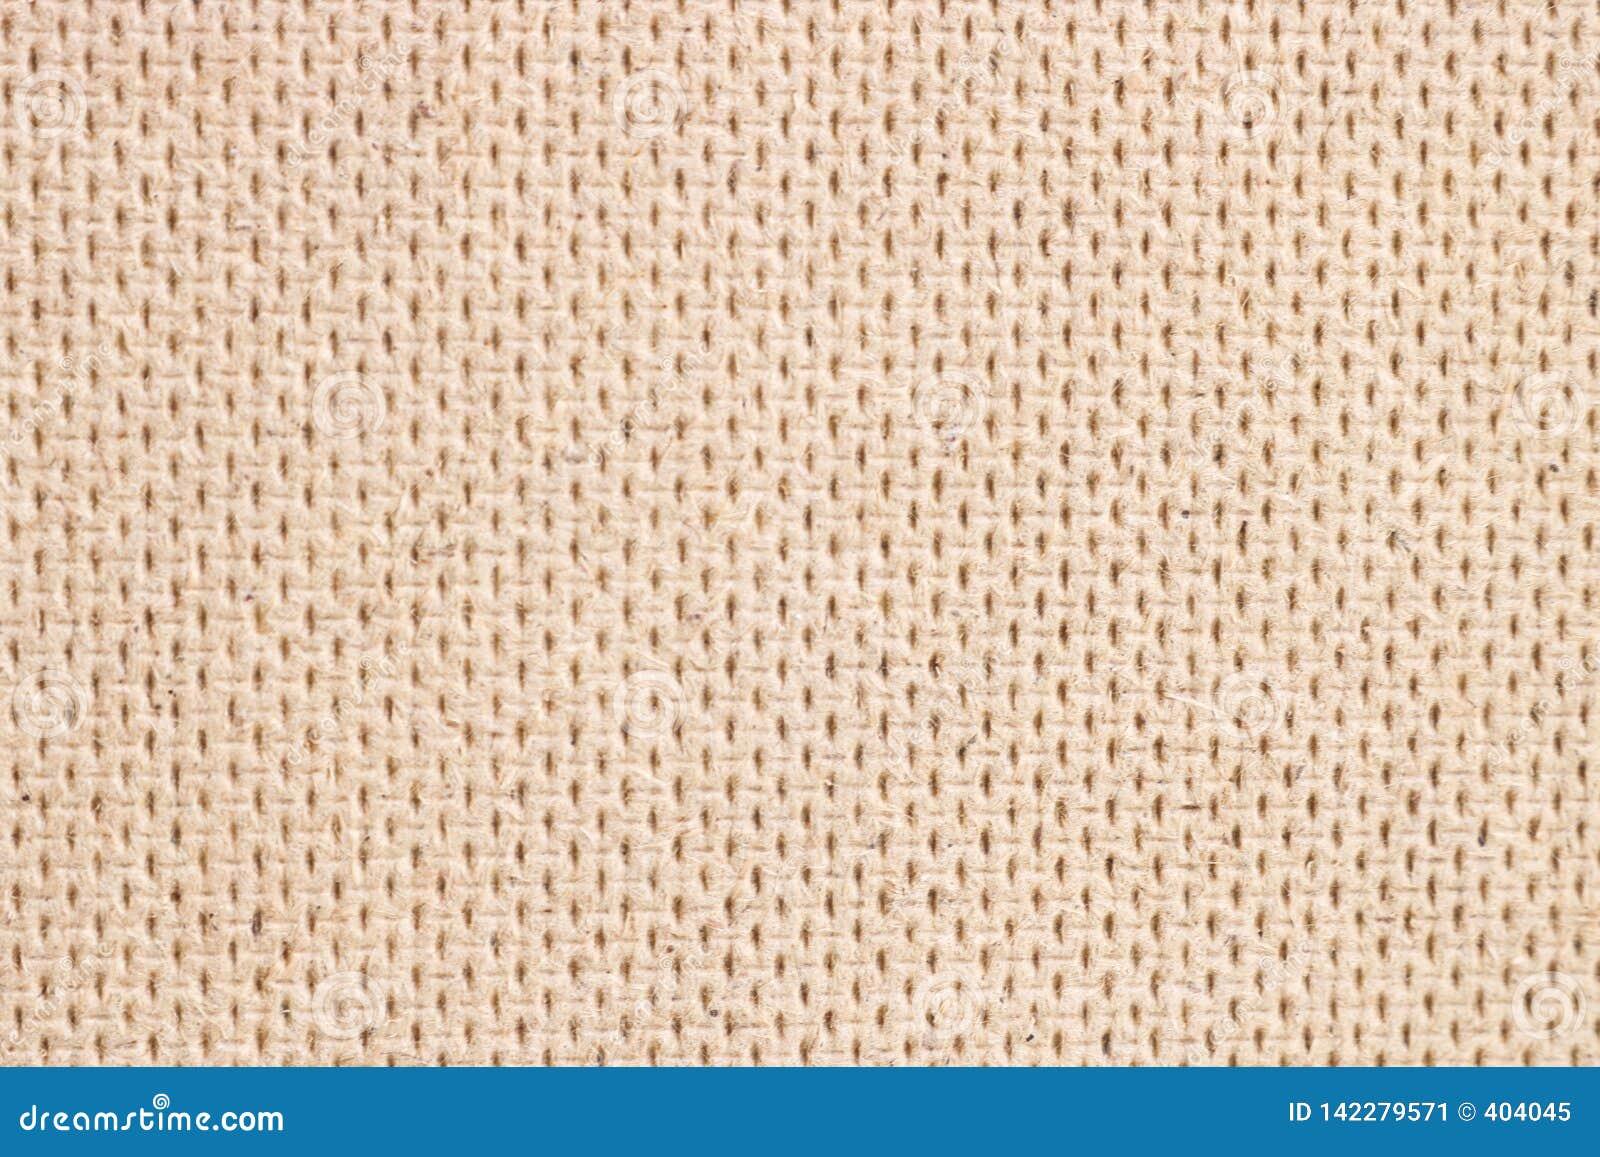 De textuur van de houtvezelplaat Achterkant Abstracte achtergrond met exemplaarruimte